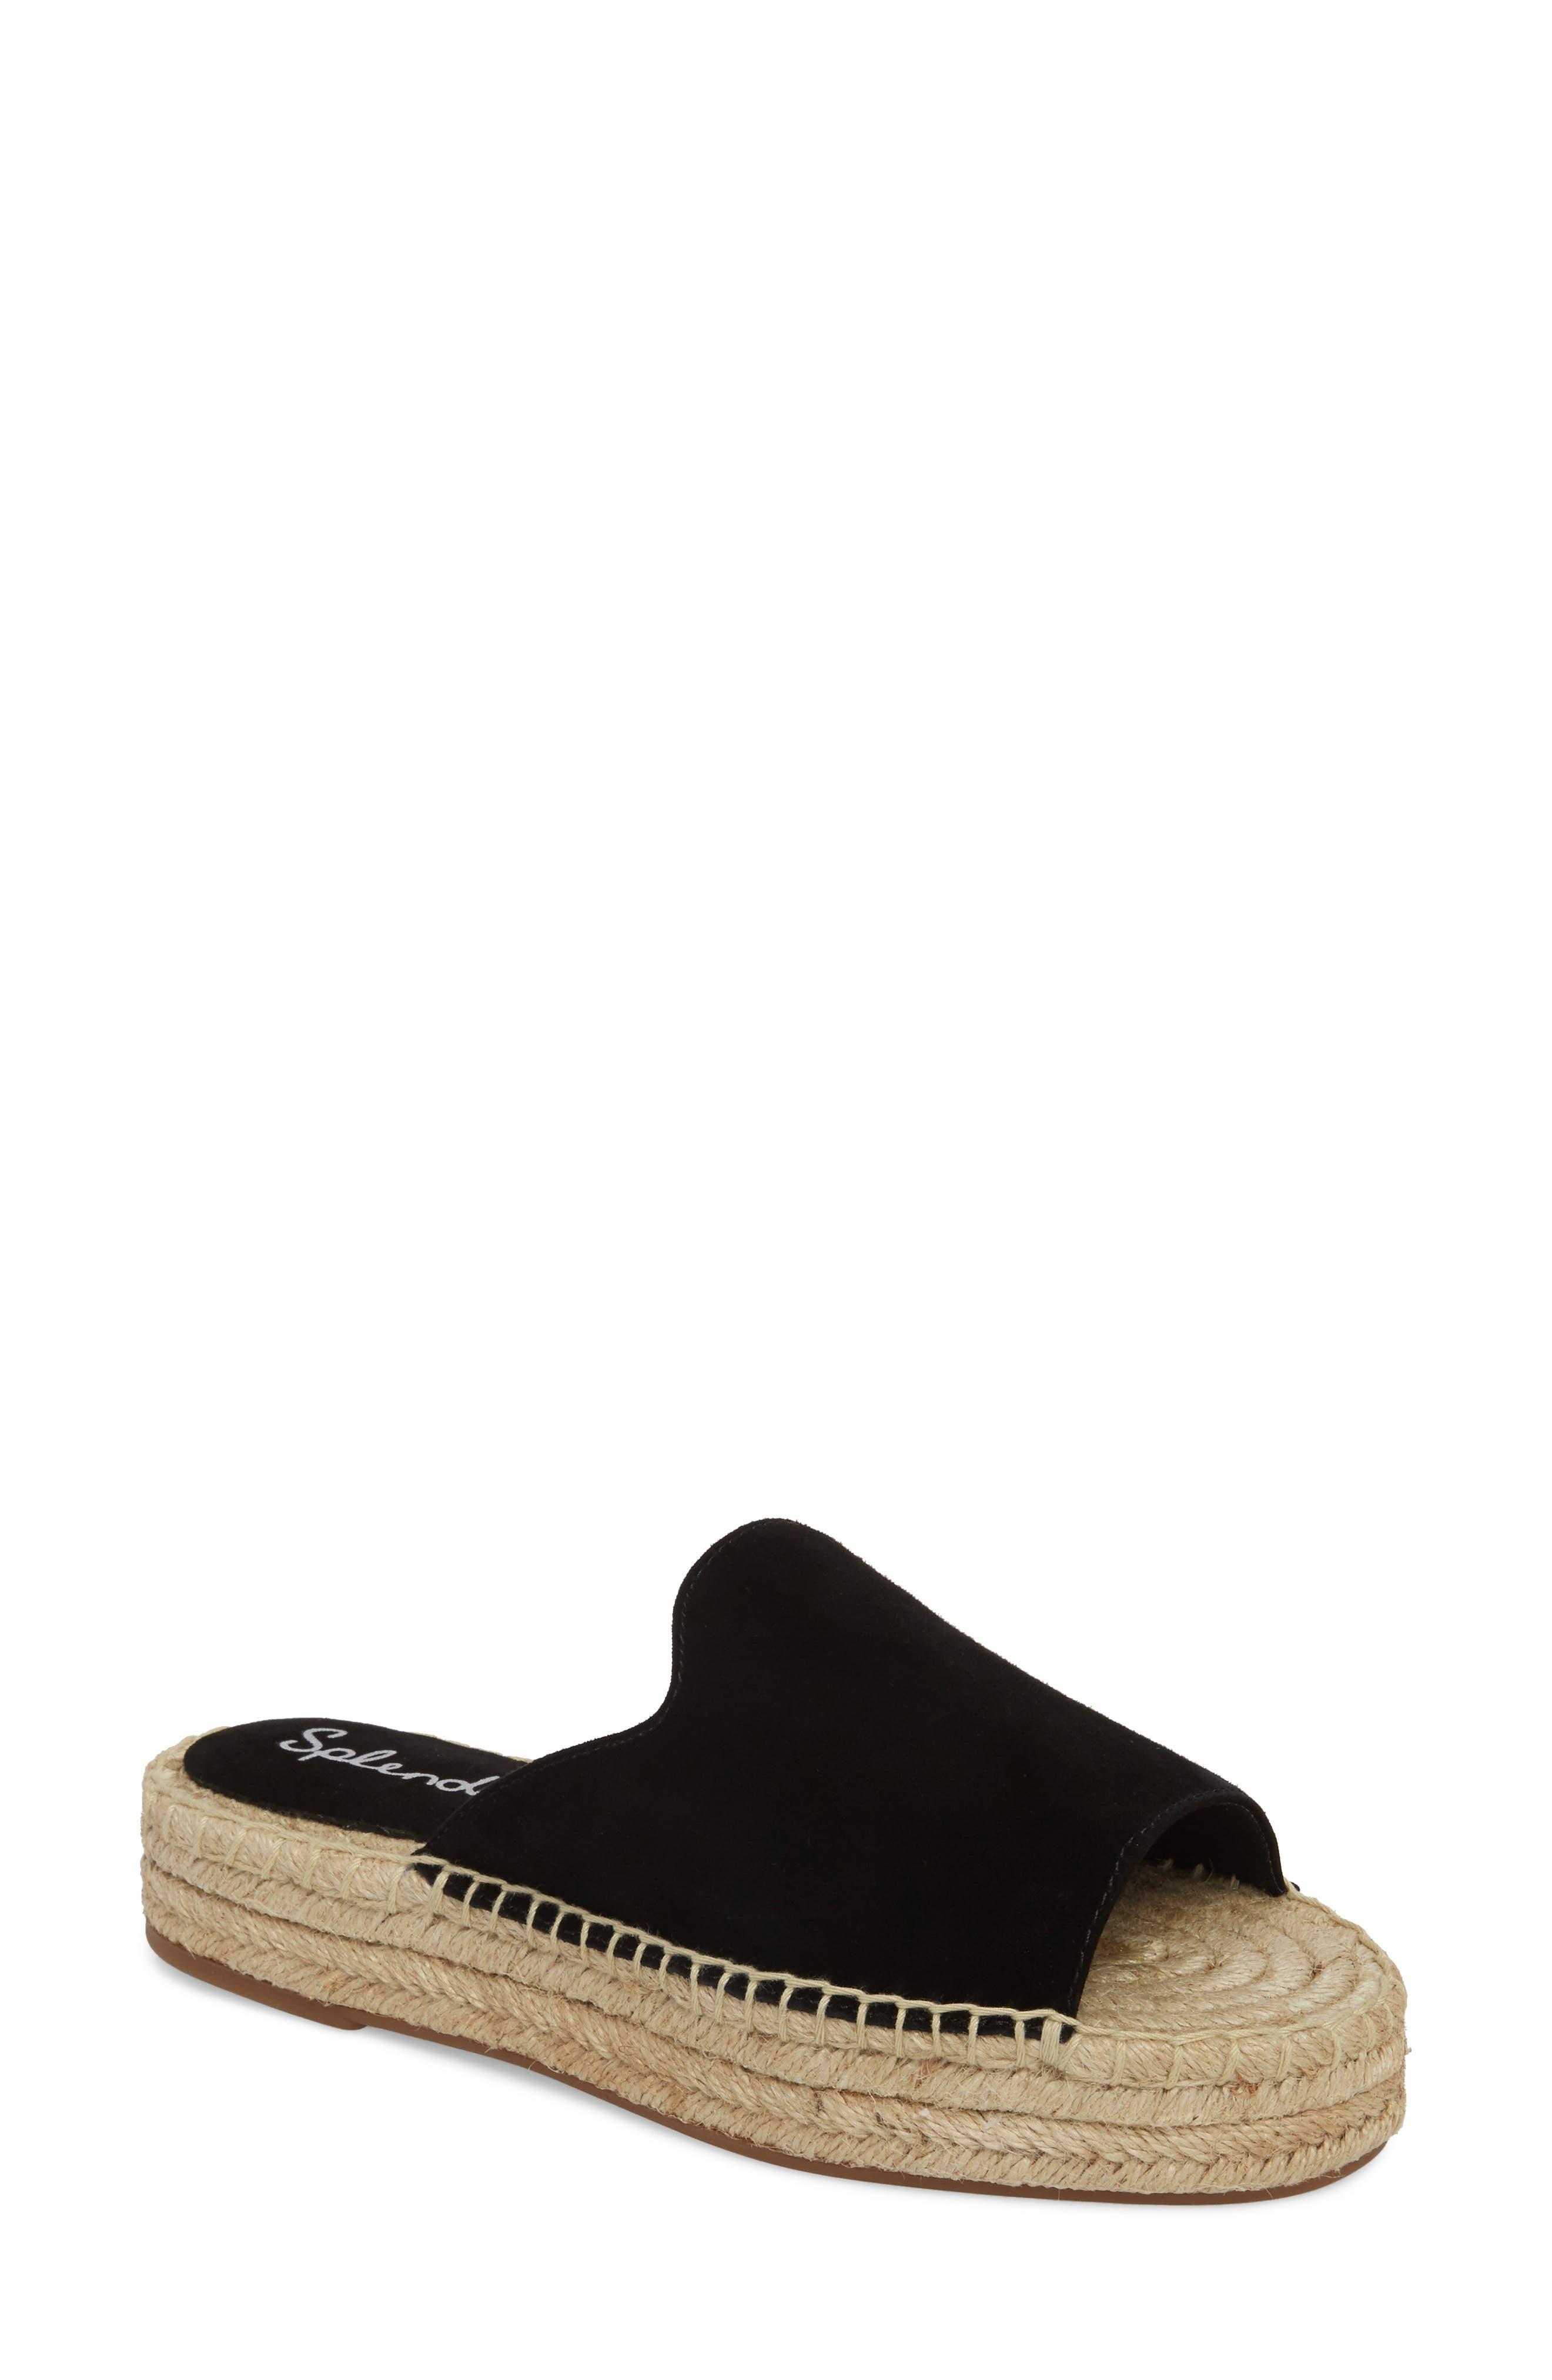 Splendid Women's Franci Suede Platform Espadrille Slide Sandals moOFDl